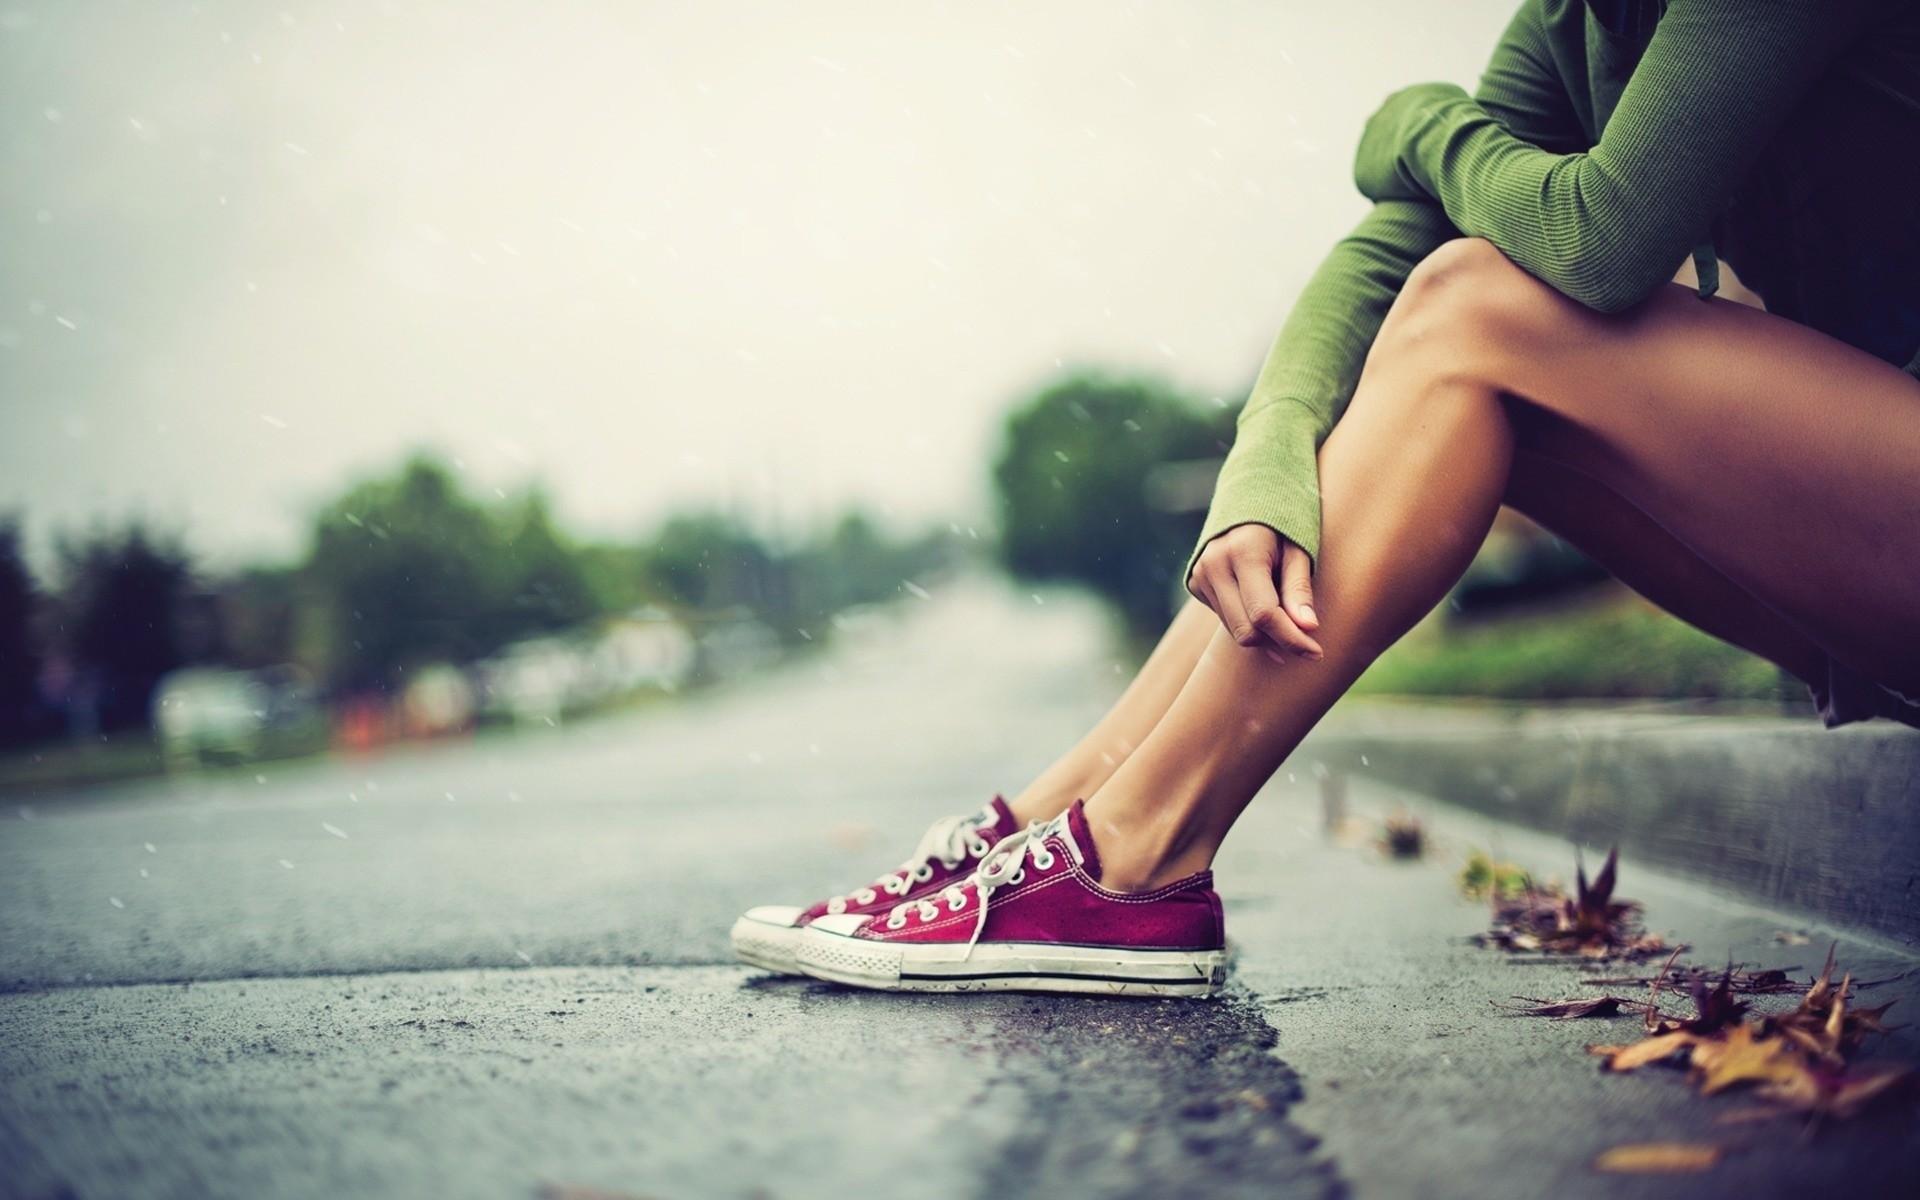 картинки для девачек ноги представлено двумя